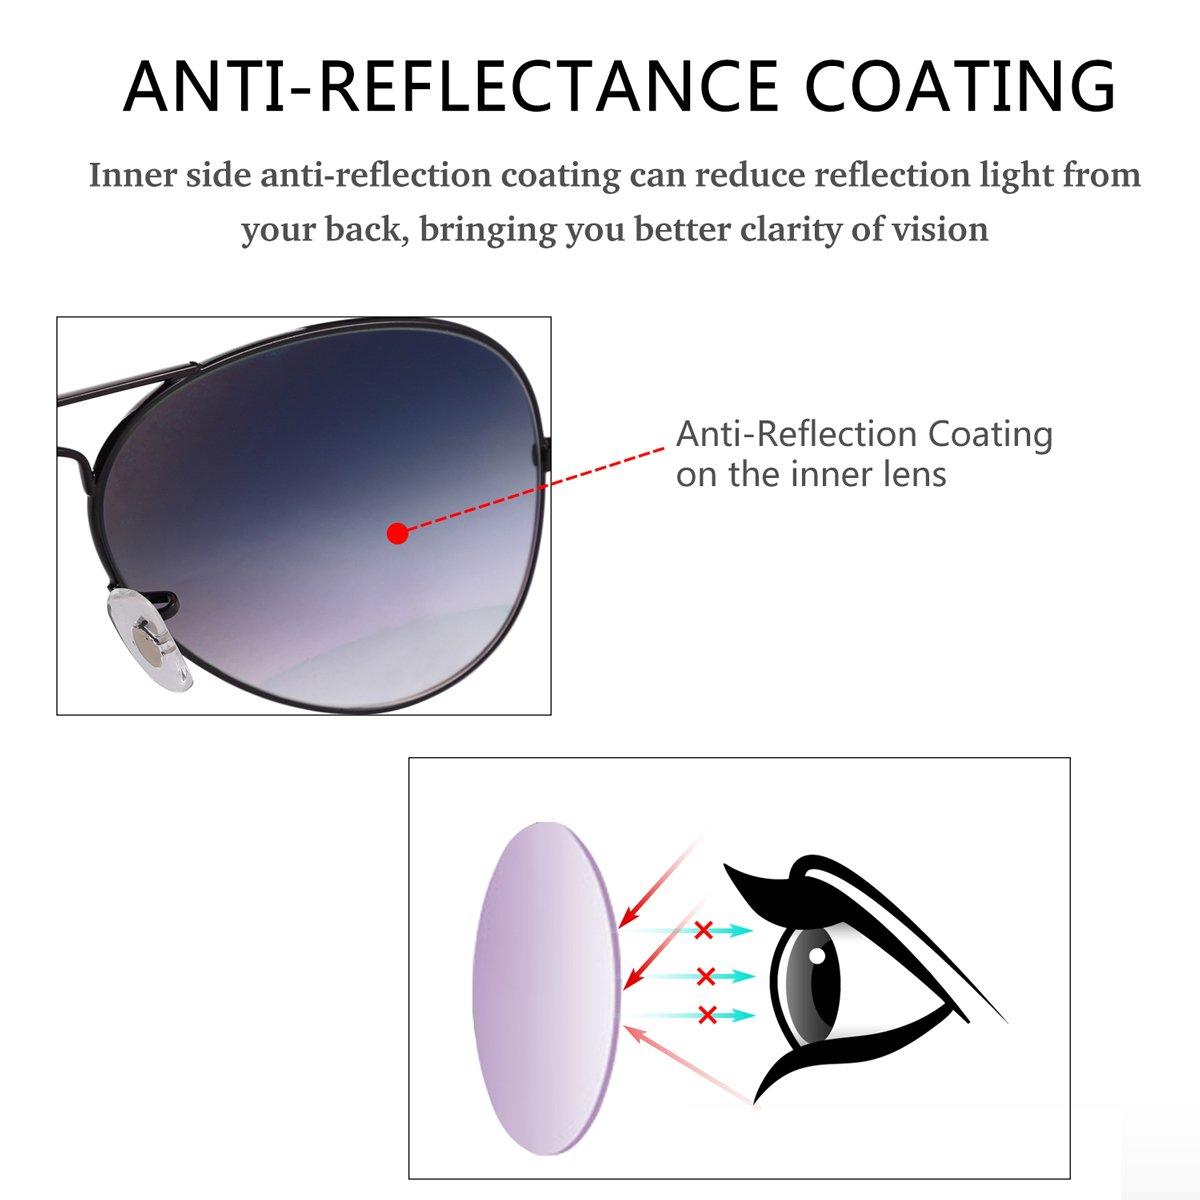 O-LET Aviator Sunglasses for Men Women Driving Fishing Glass Lens Aviators UV400 (62mm, Black Frame/aGrey Gradient Lens) by O-LET (Image #3)